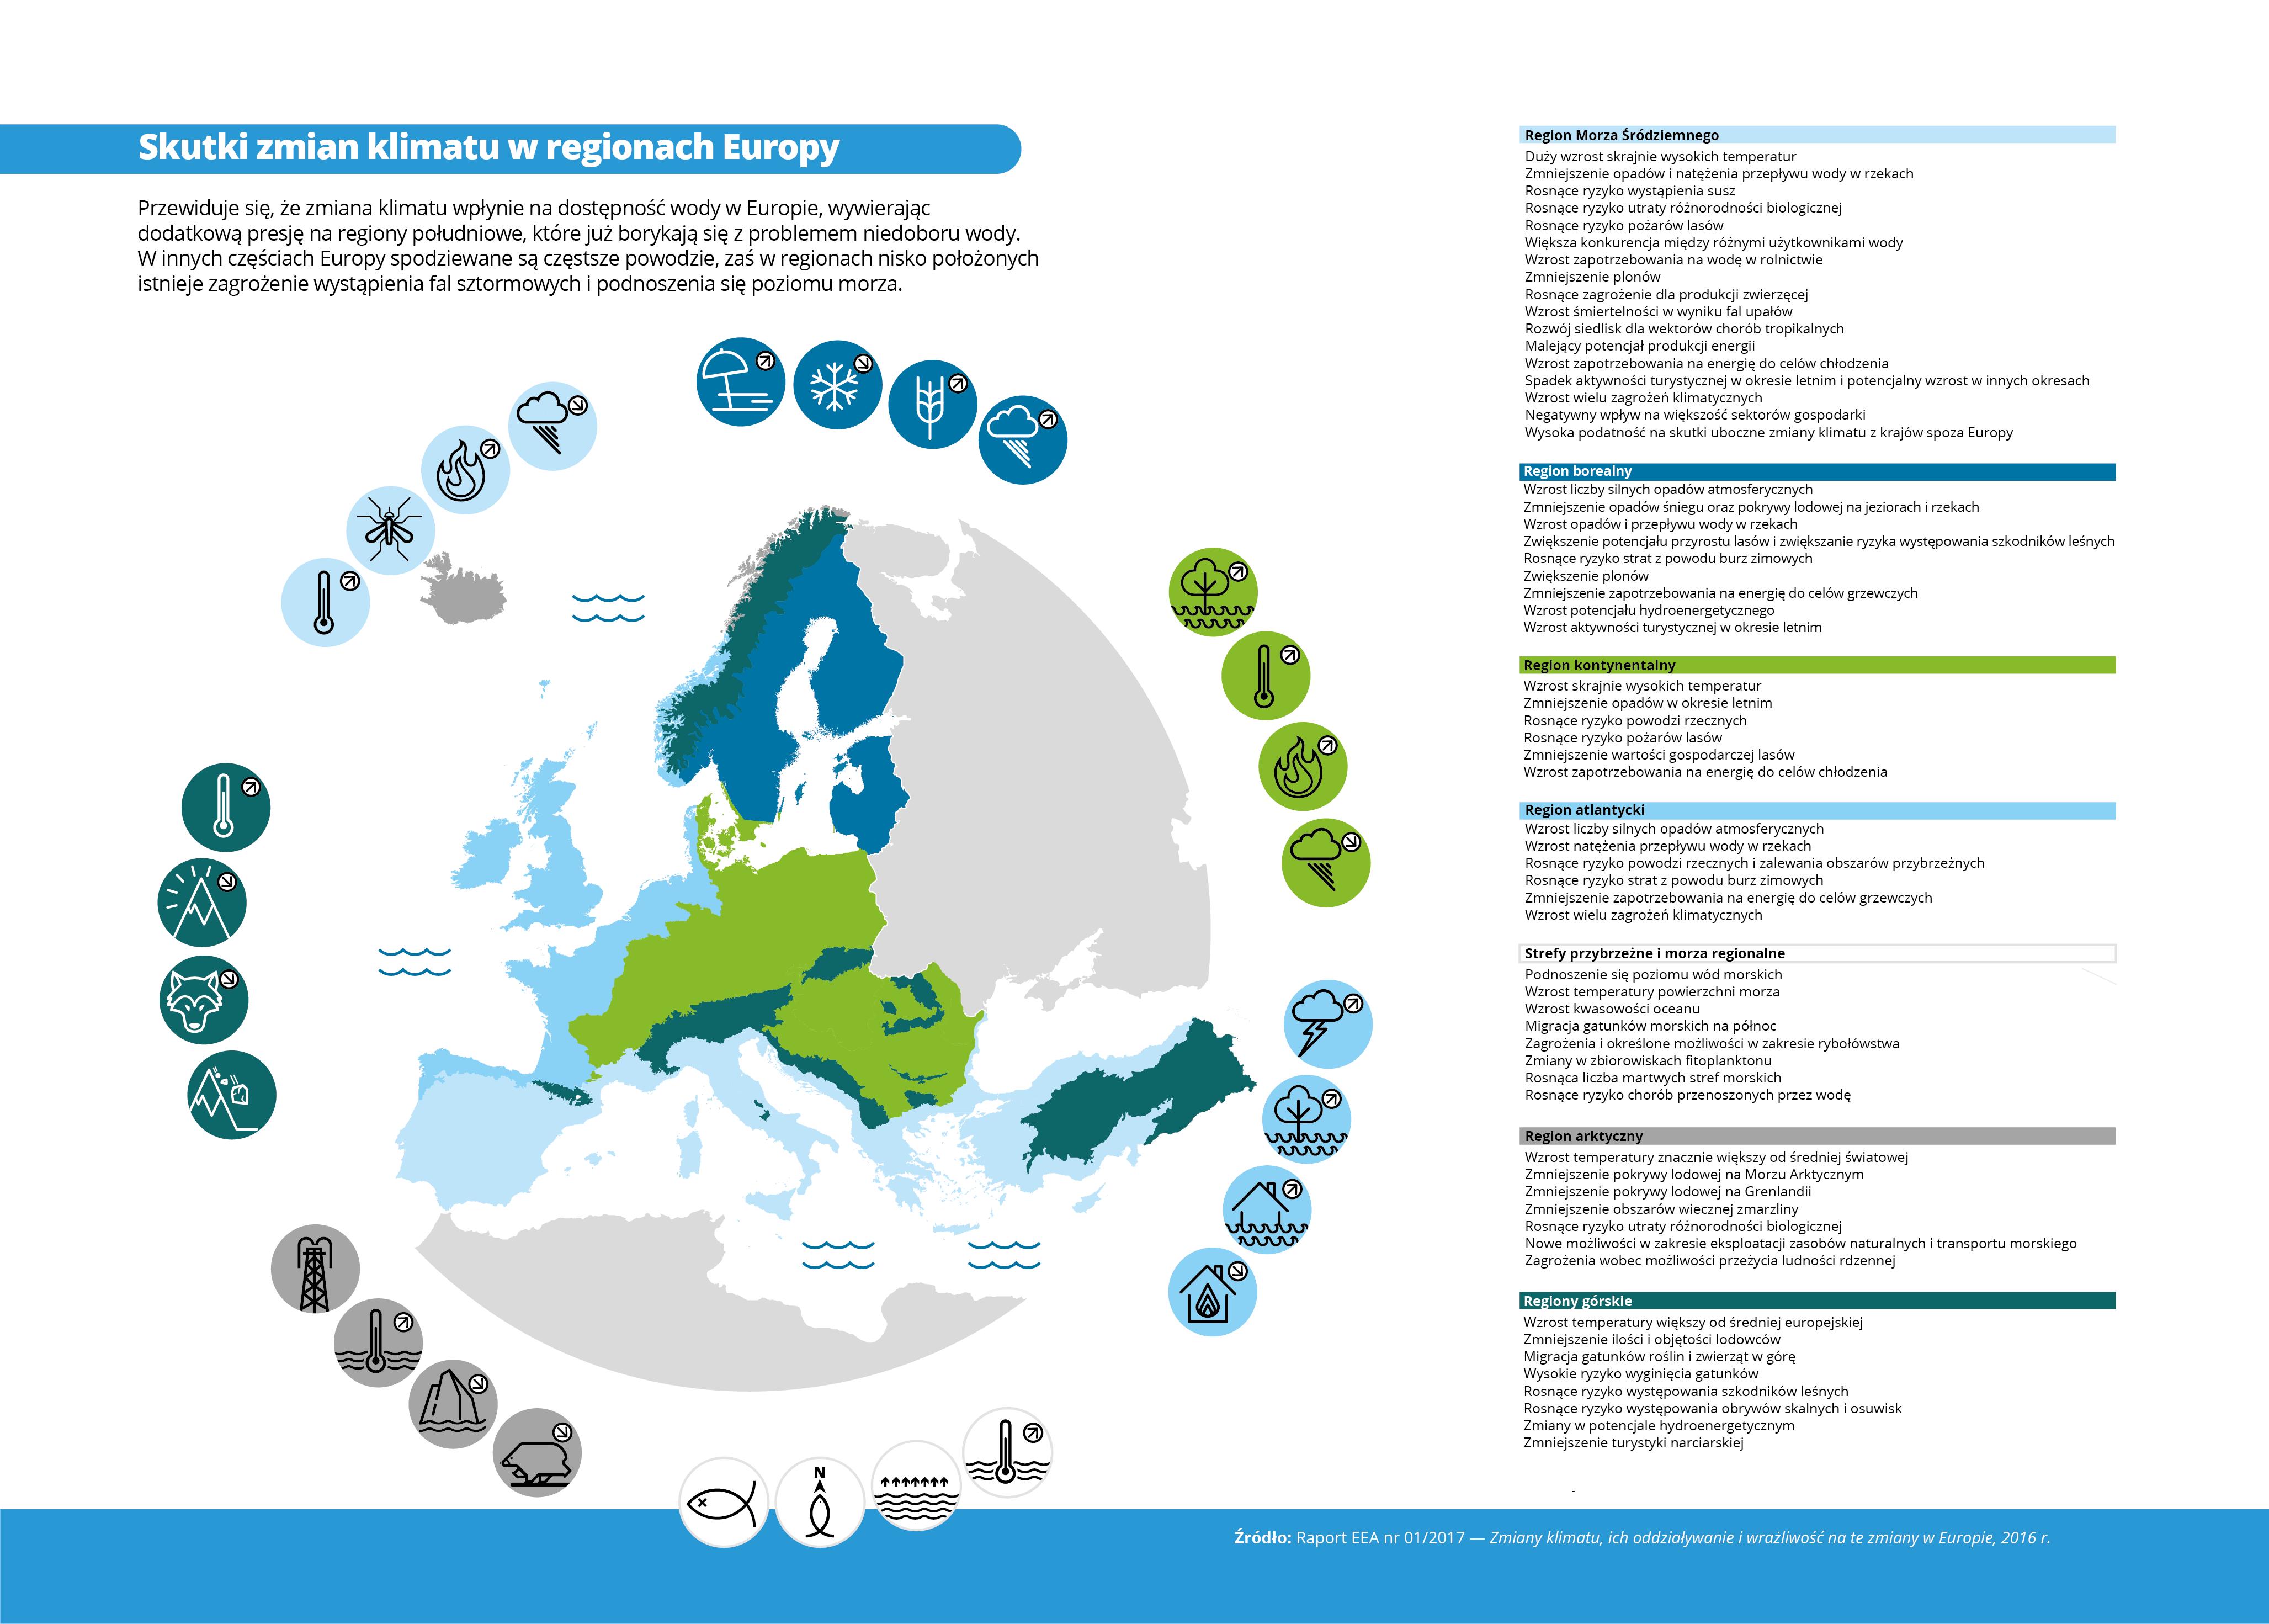 Skutki zmiany klimatu w regionach Europy